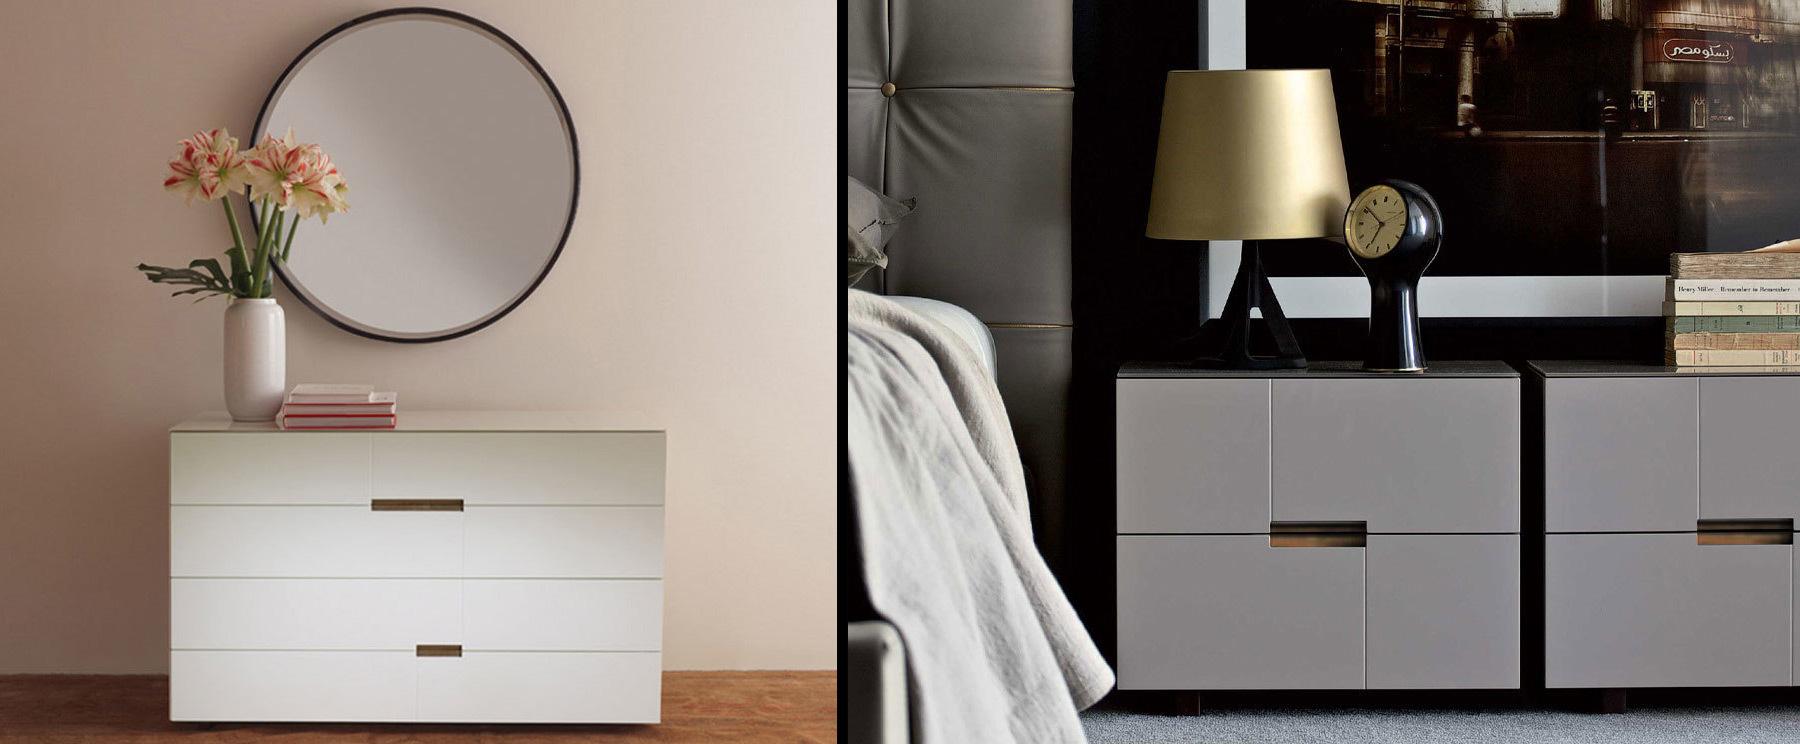 Schlafzimmer: Kuschelig und Funktional